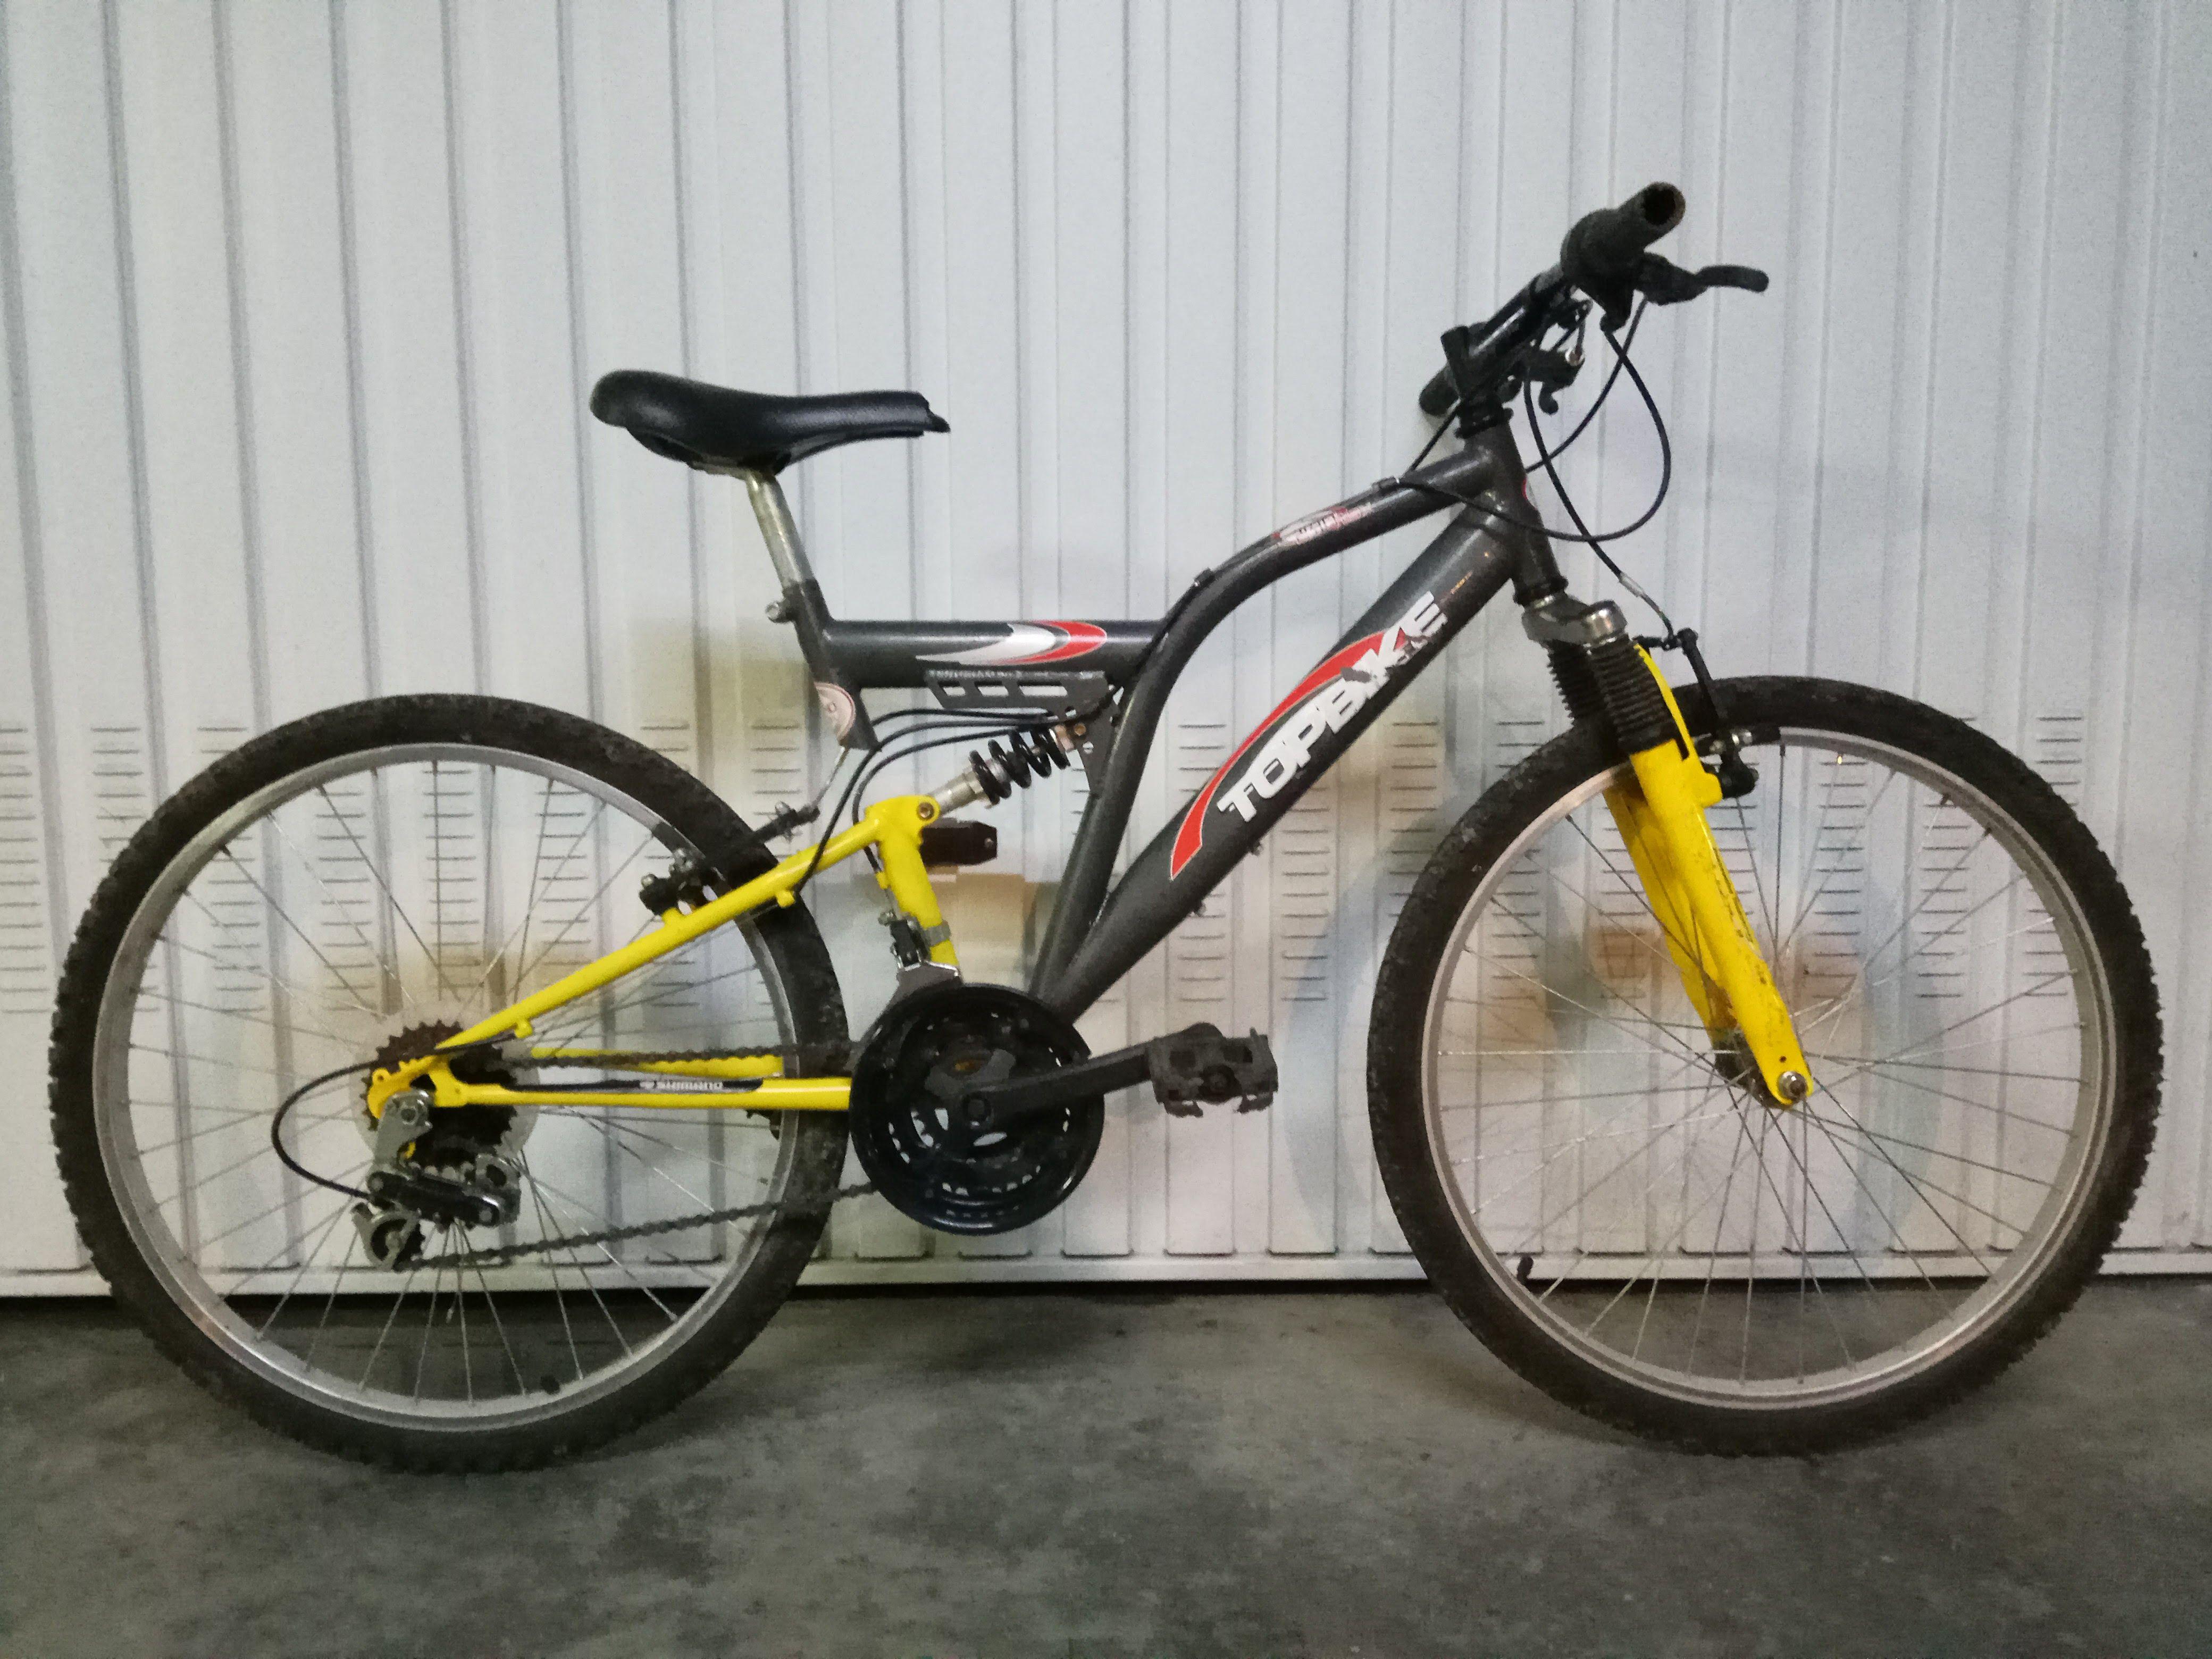 Bicicleta Juvenil con Amortiguadores 80€ MARCA: Topbike MODELO ...